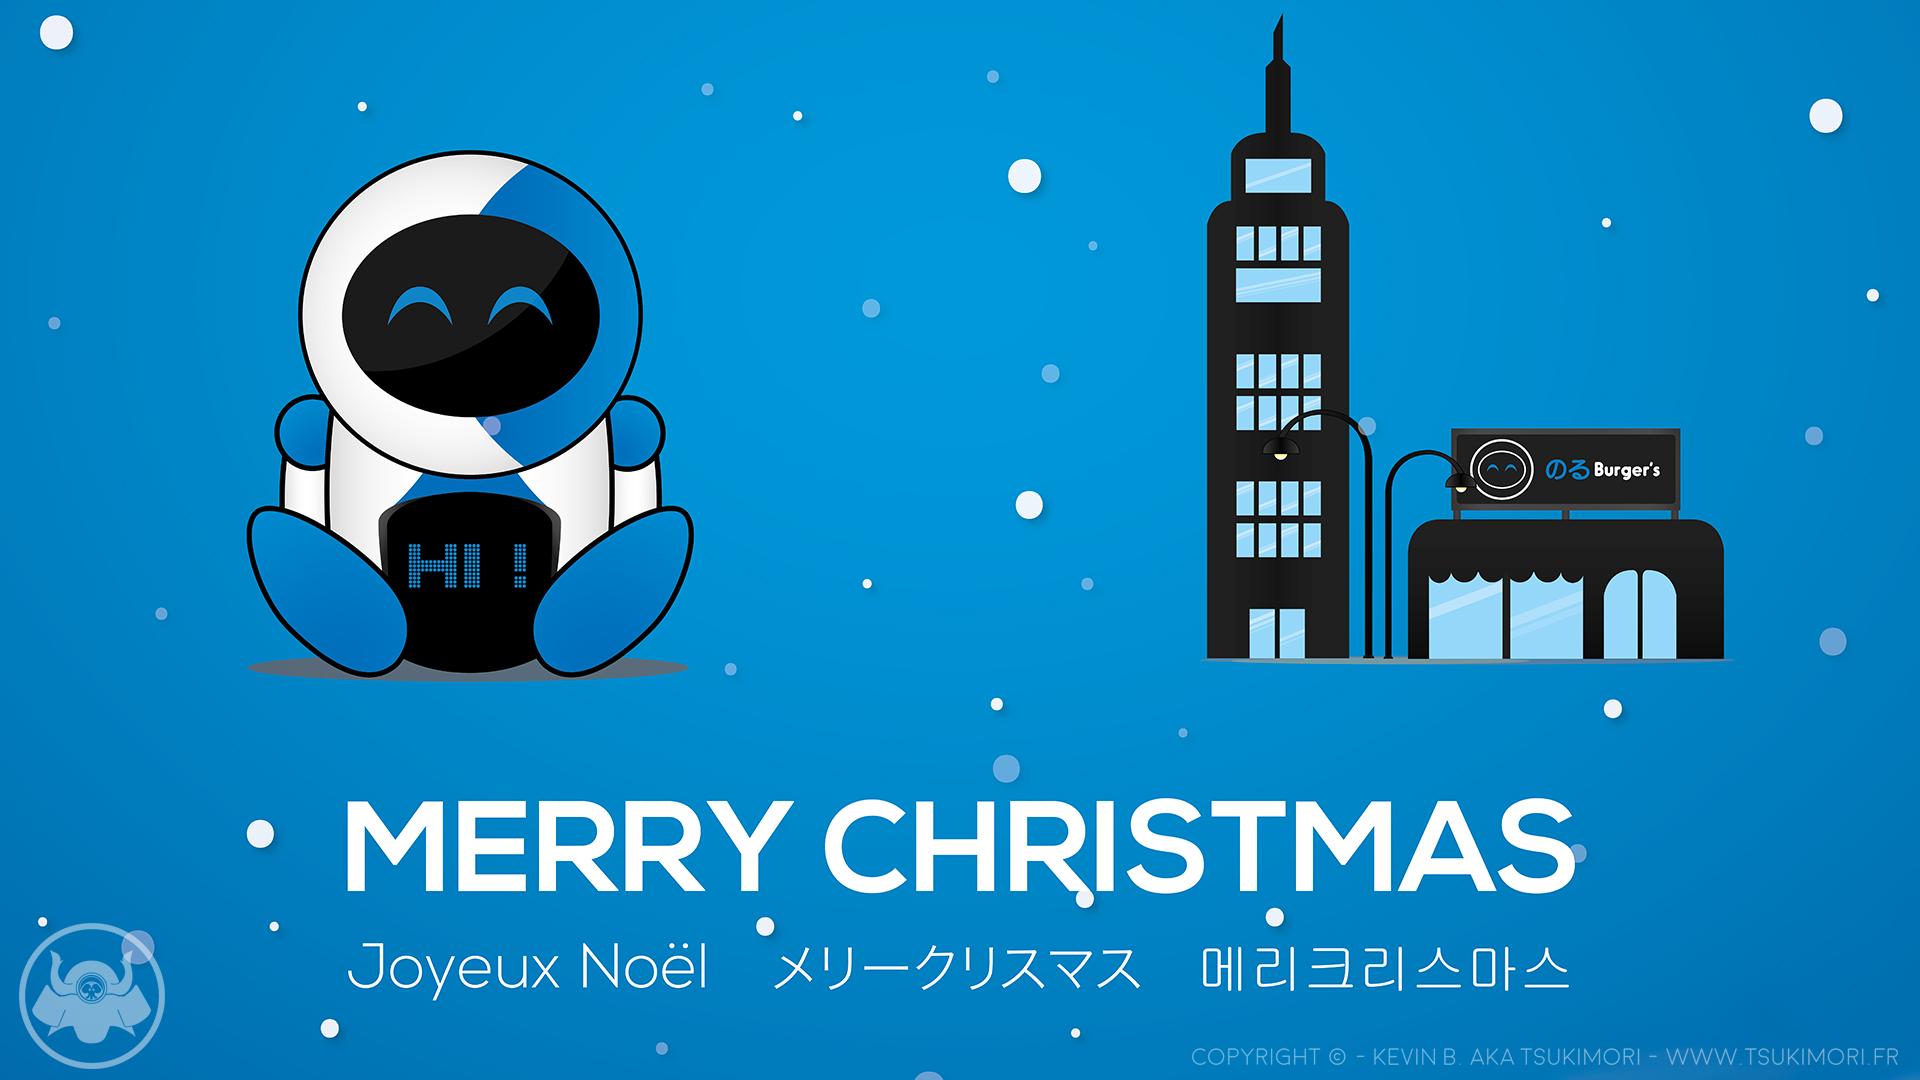 Joyeux Noël 2015 - Featured